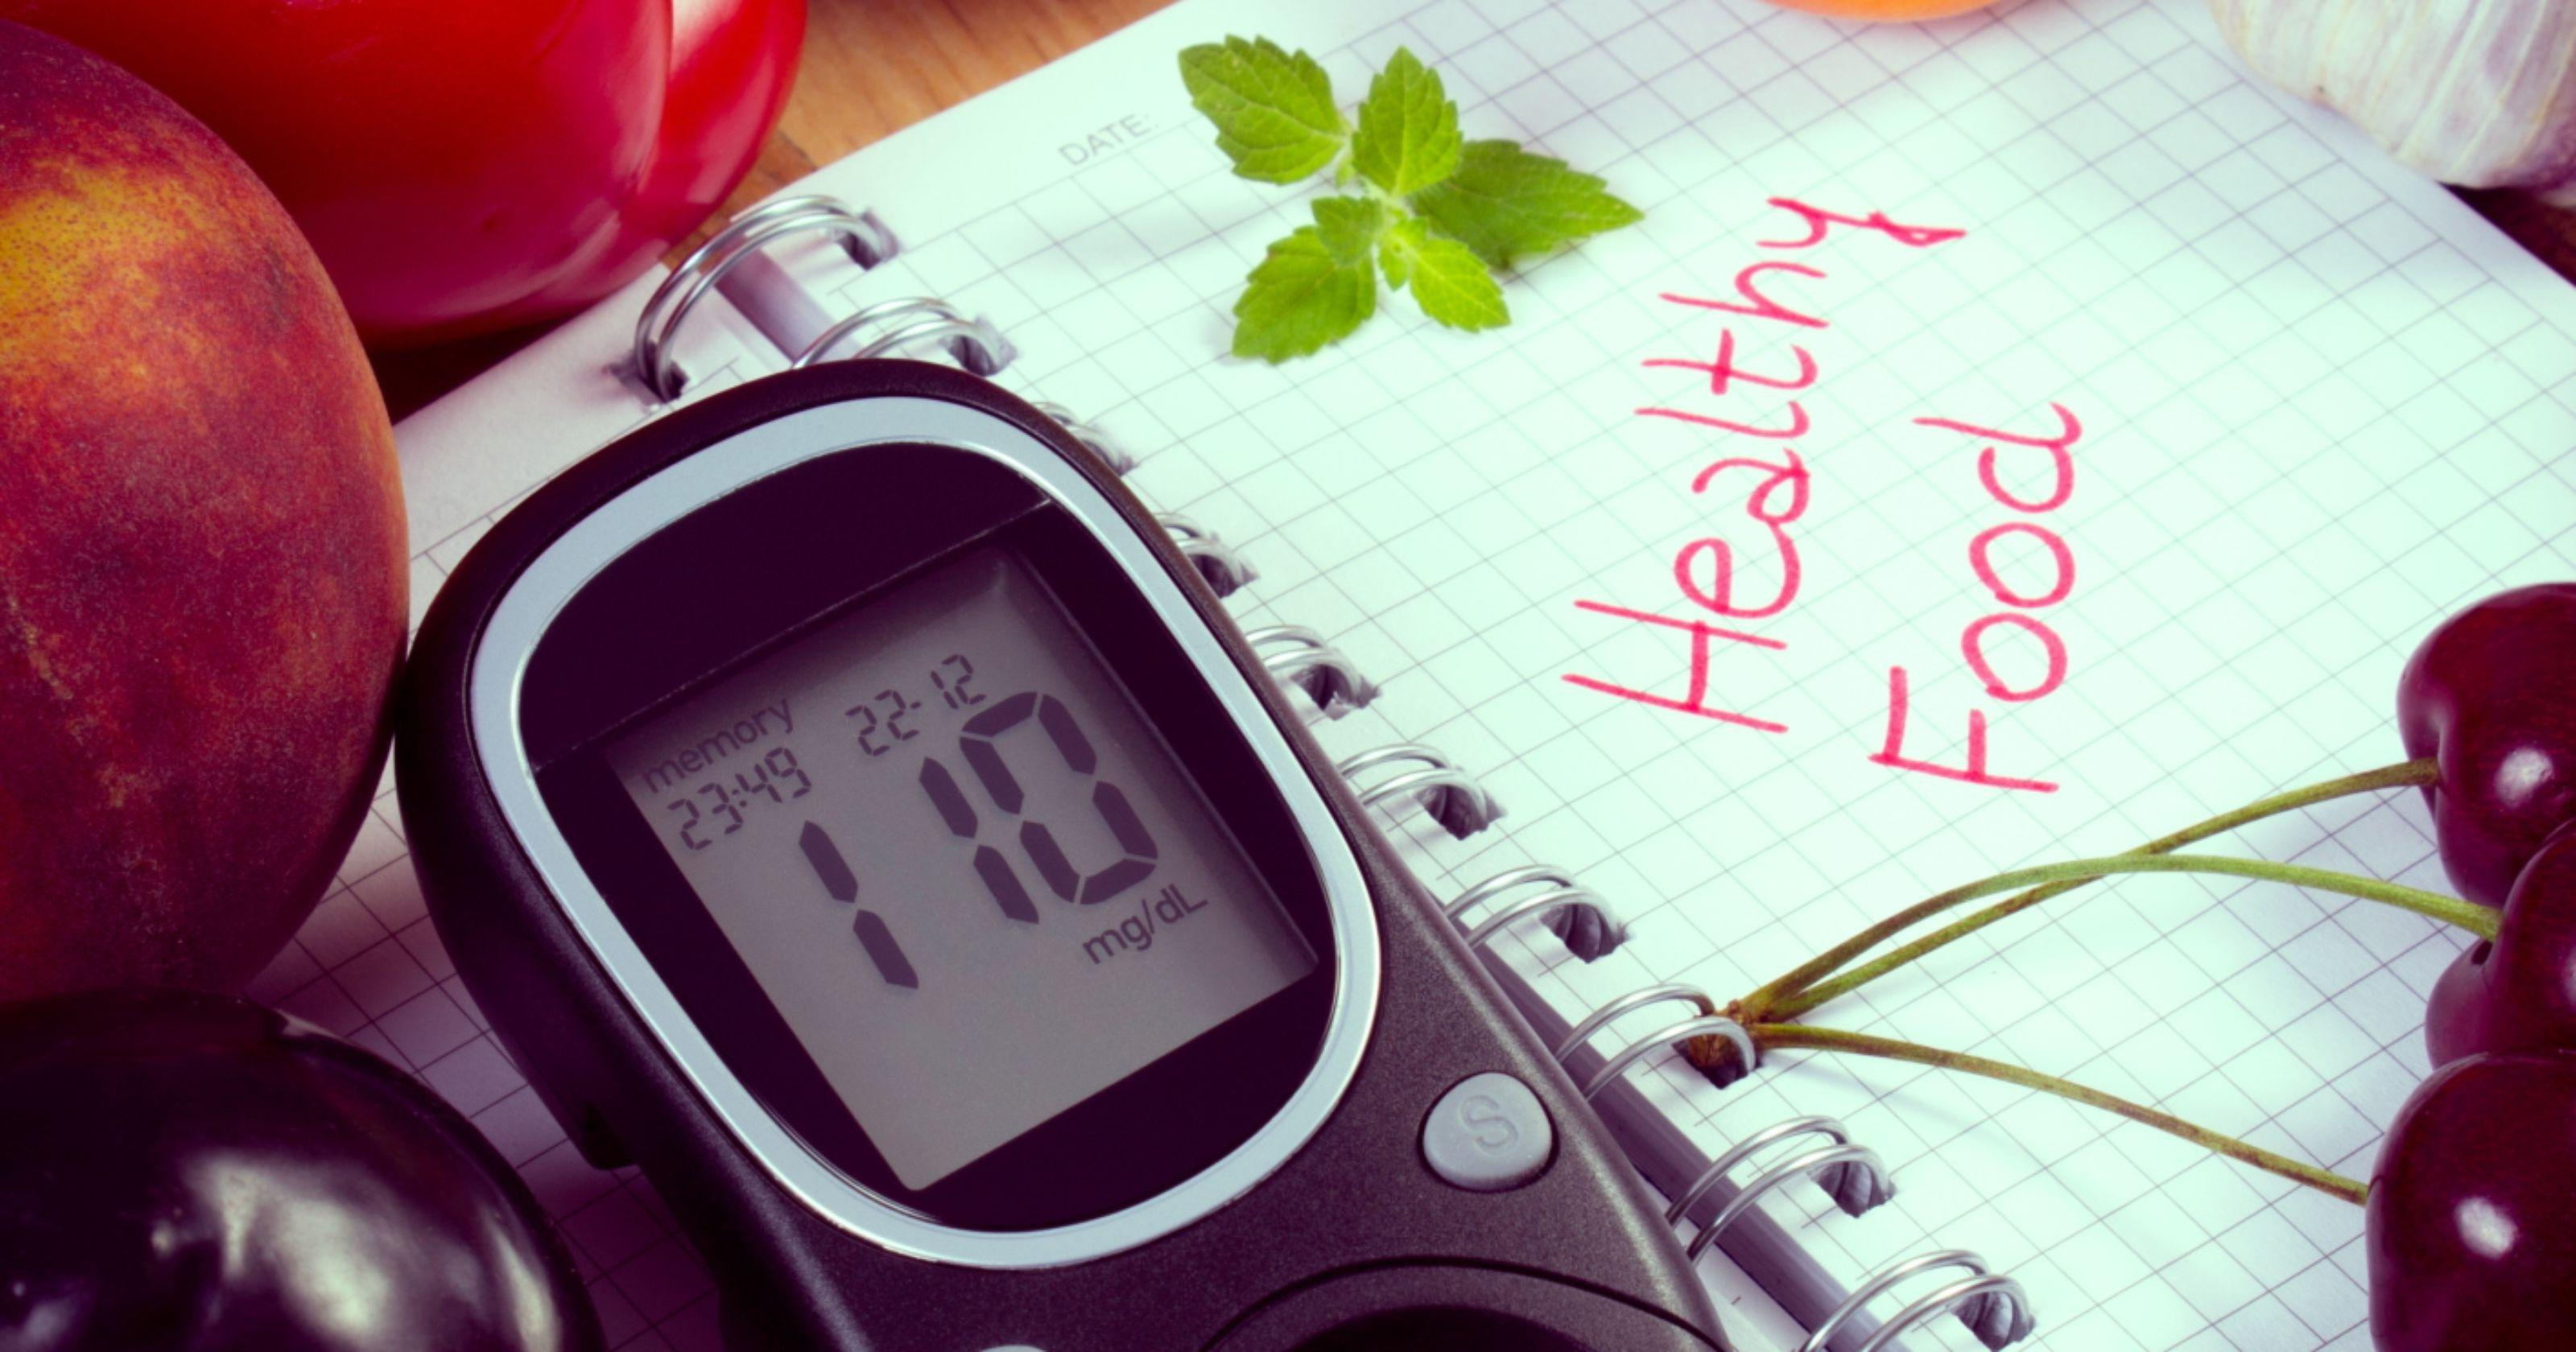 Diabetes In Delaware: A $1.1 Billion Problem